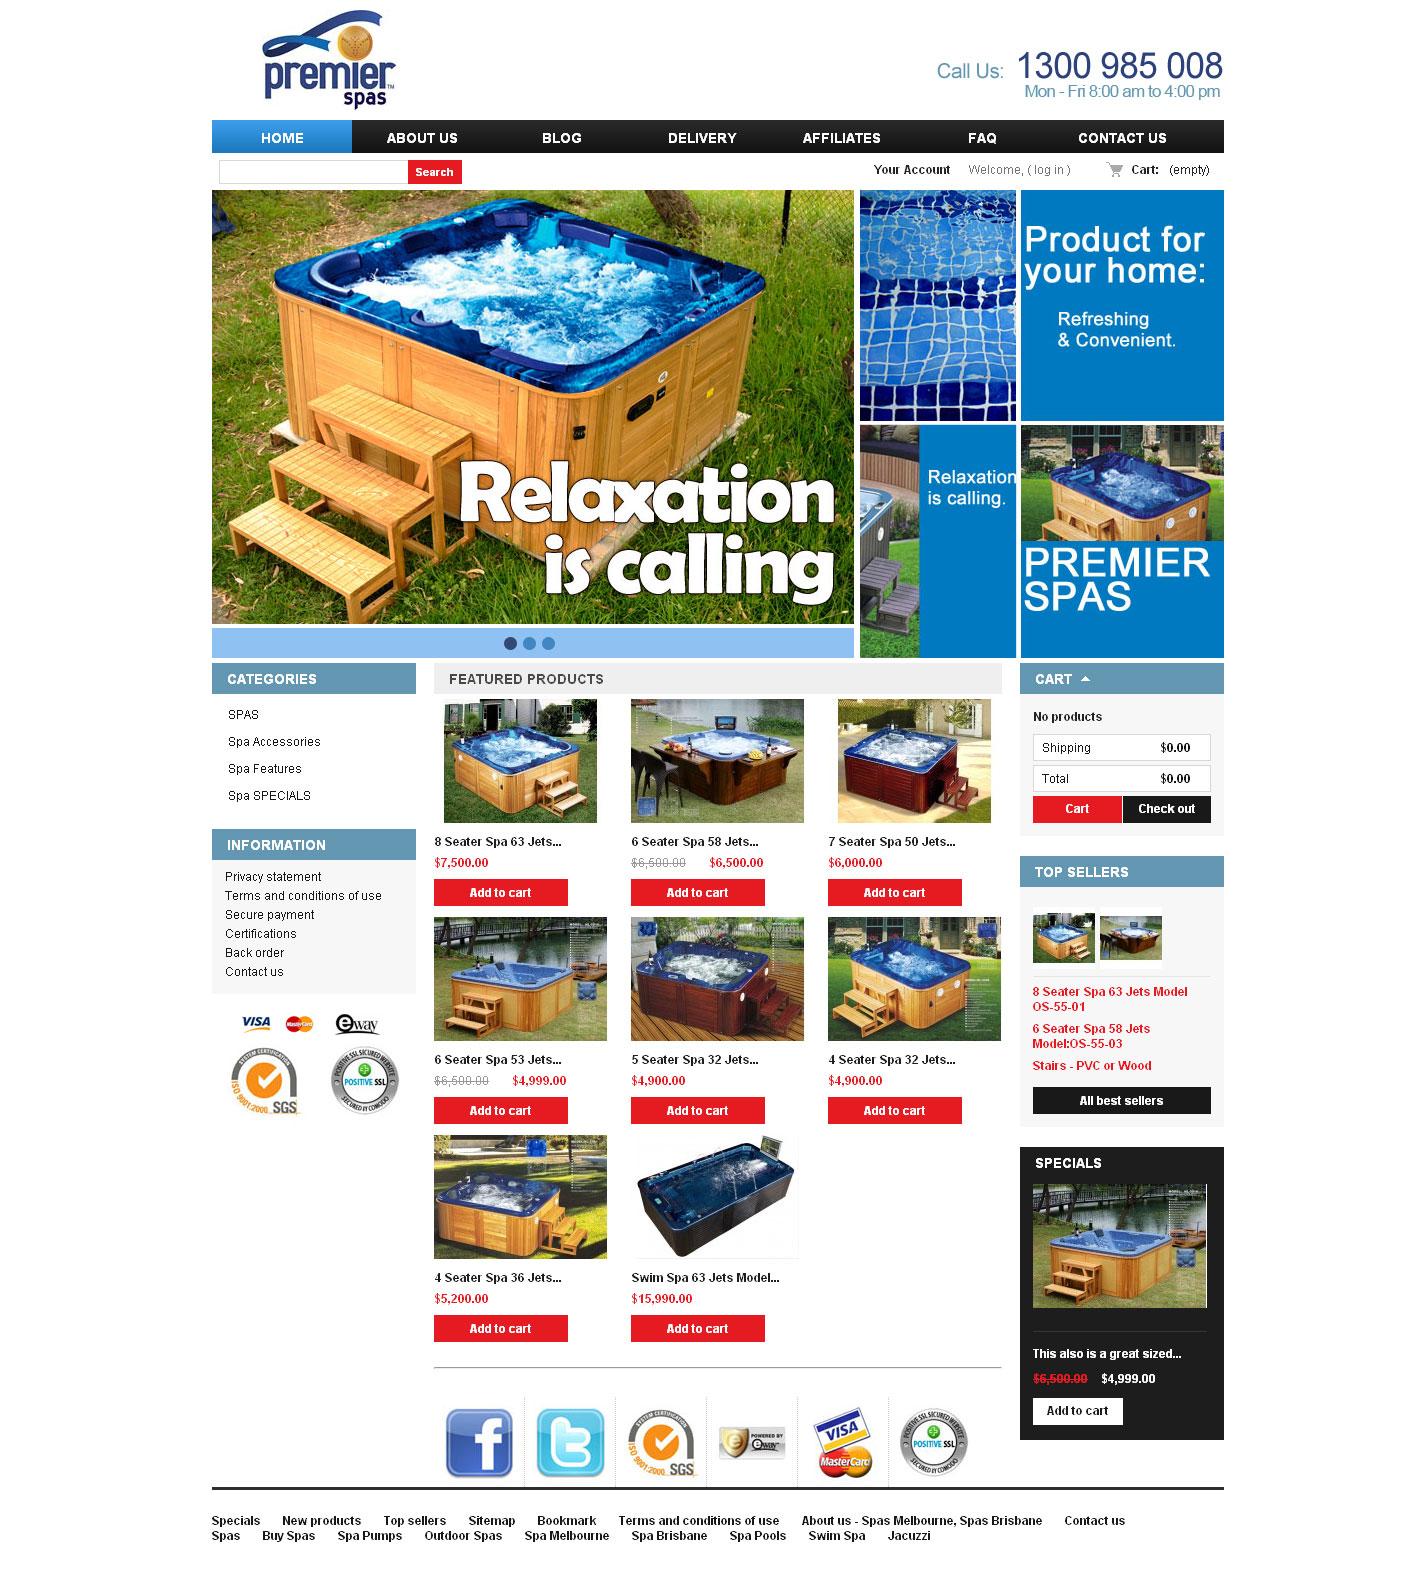 Spas shop website design Melbourne